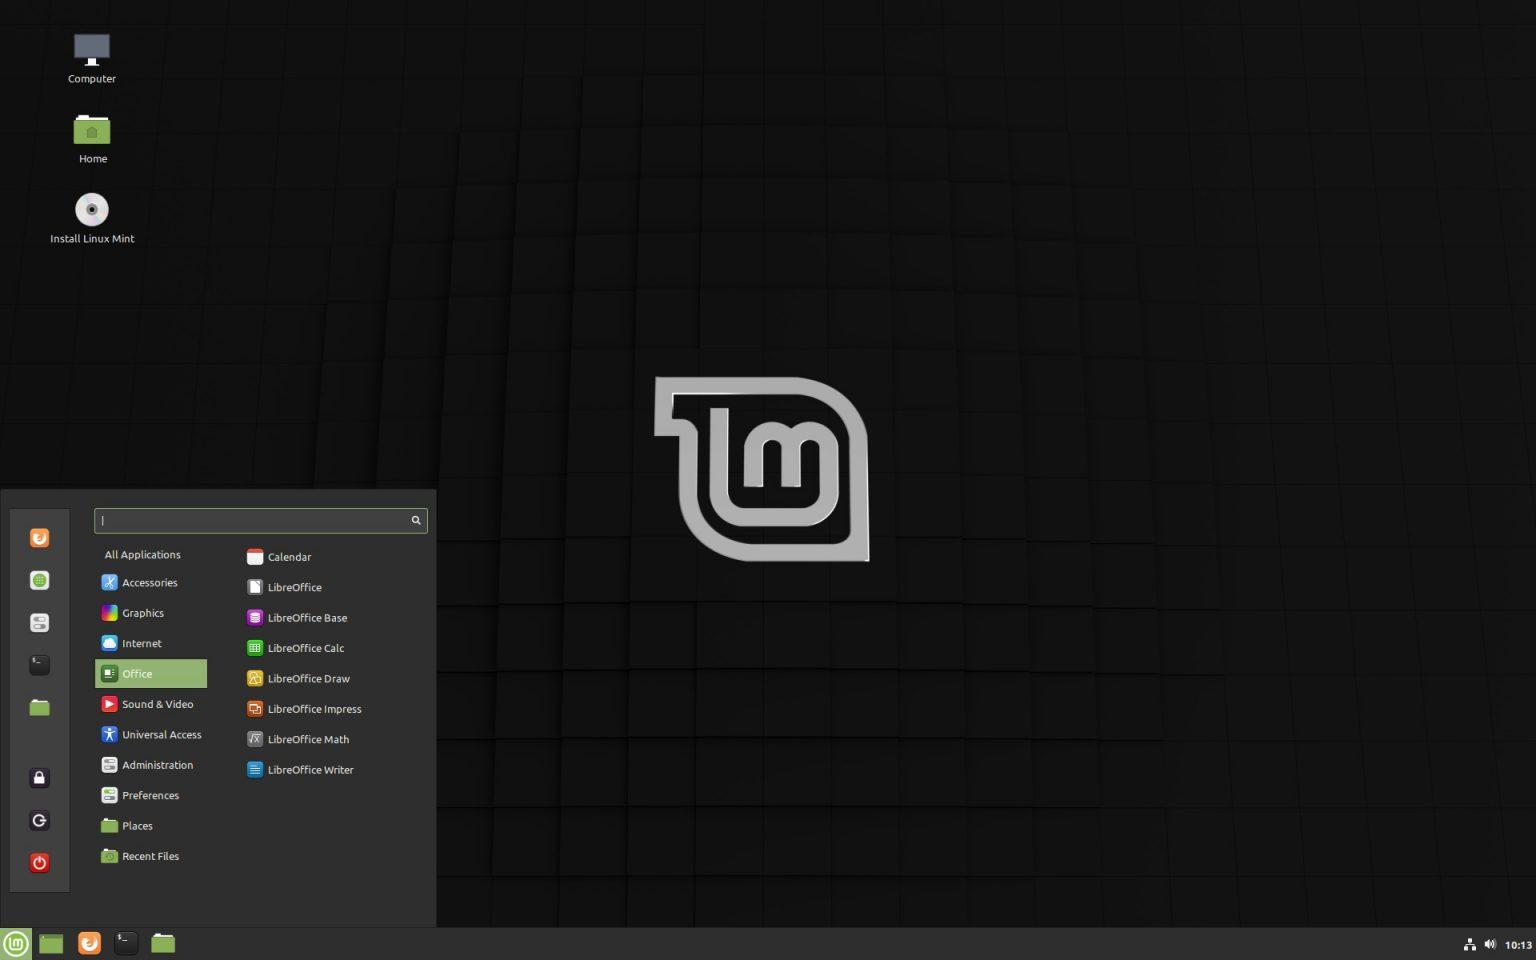 Medo Do Linux Chegou O Novo Linux Mint 19 3 Tricia